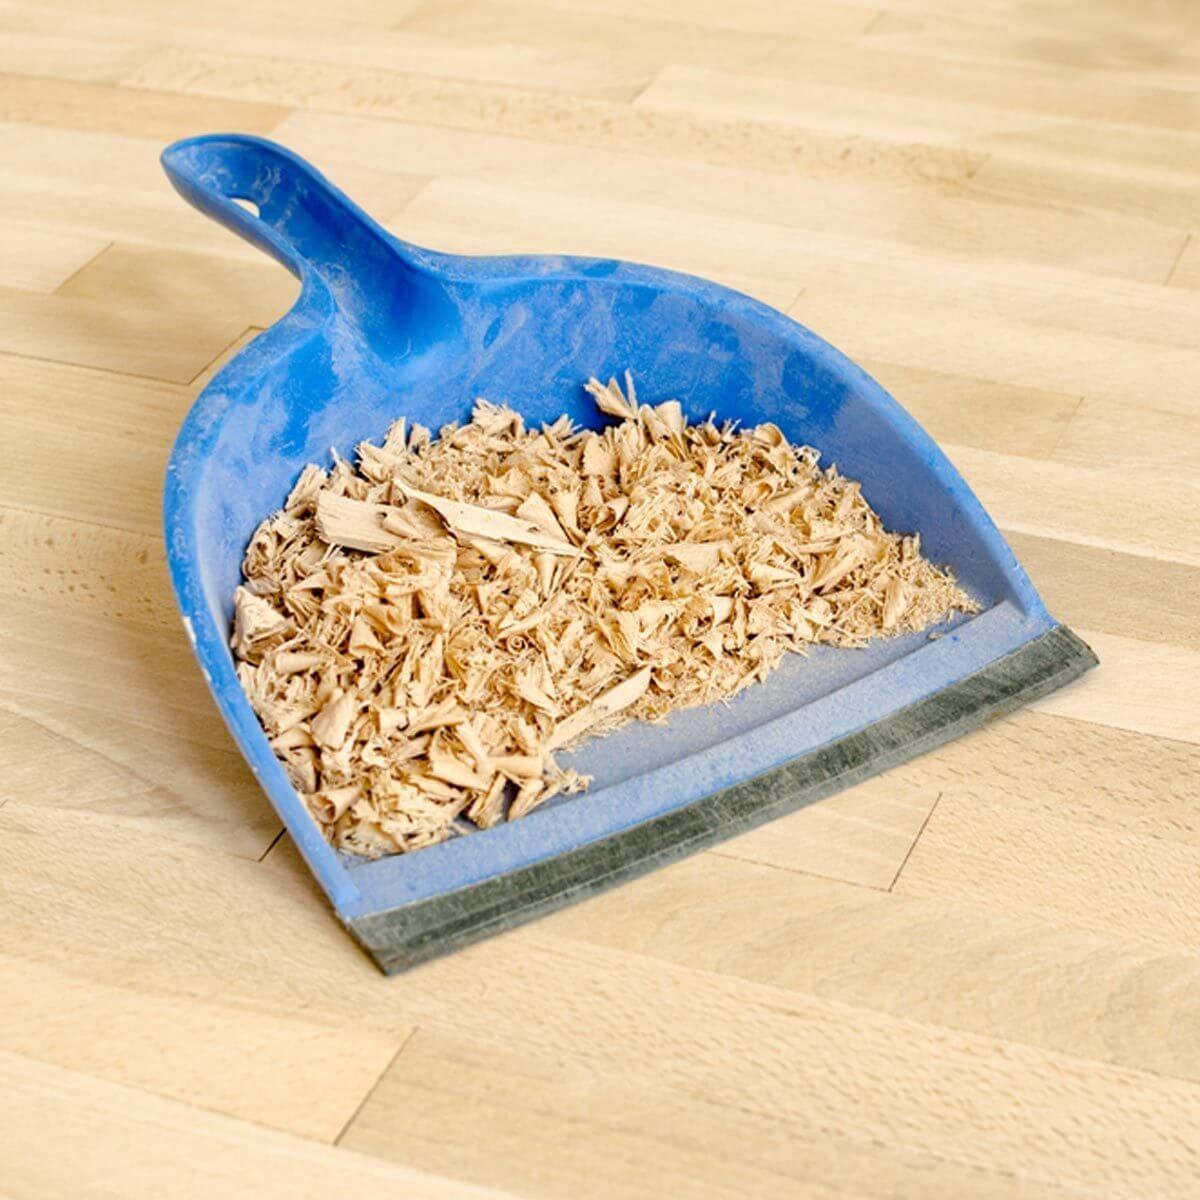 Dirty Dust Pan Wood Shavings saw dust